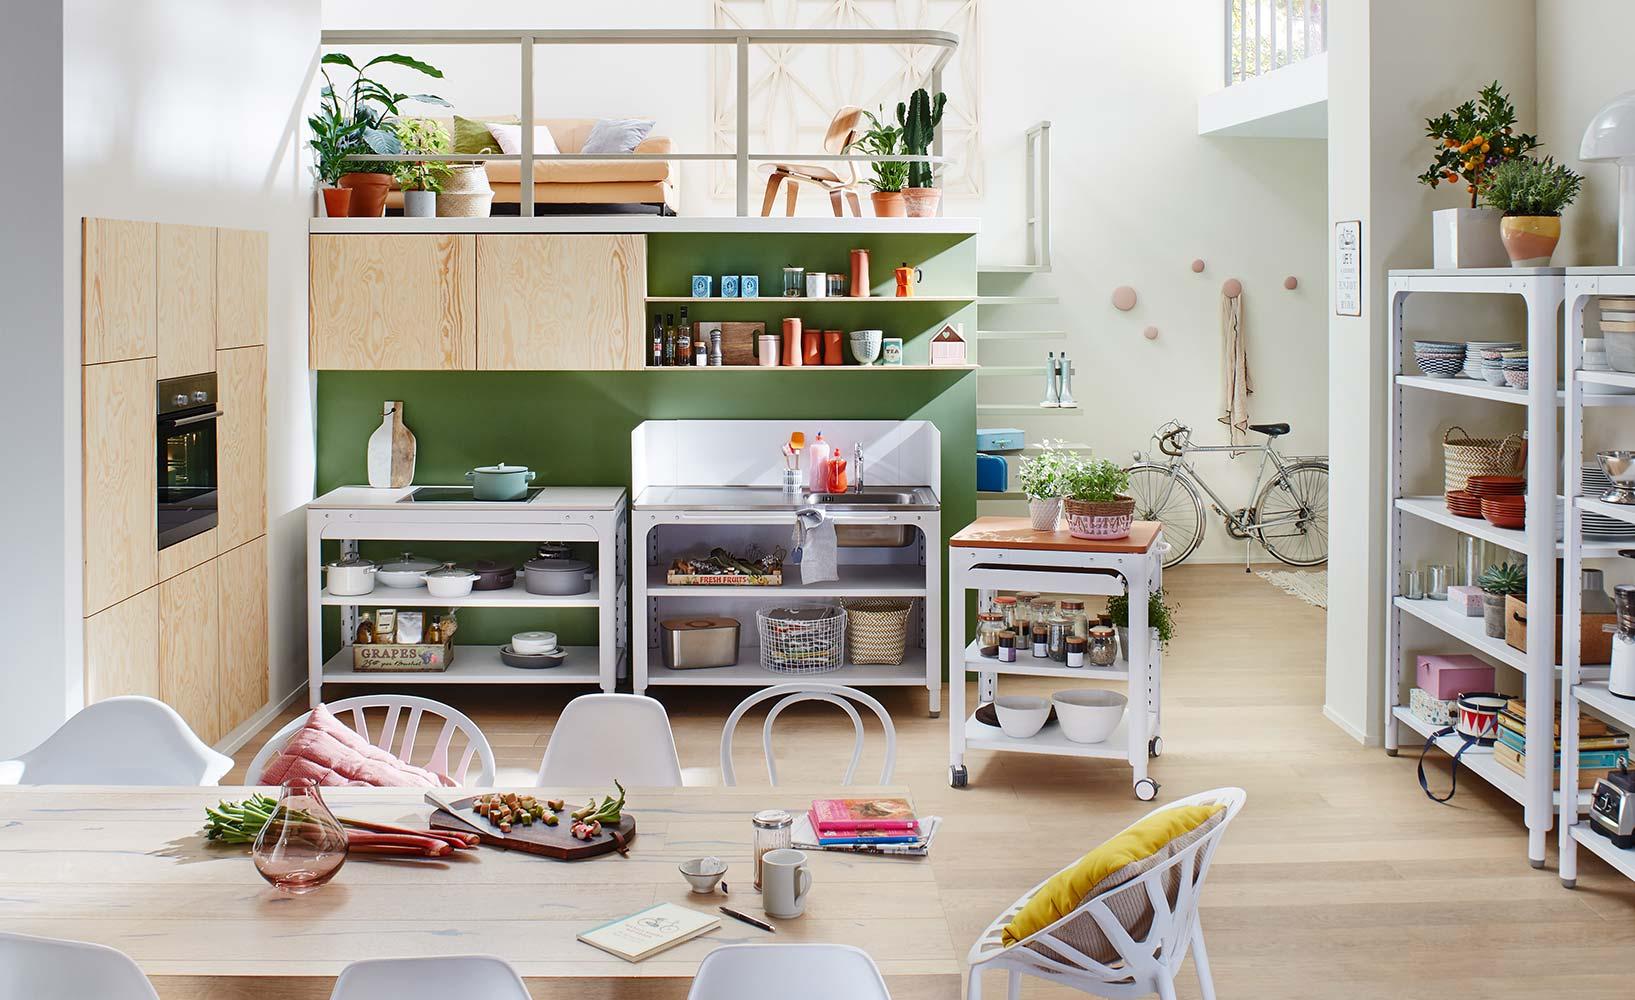 Küchenzeile oder Modulküche ? eine Entscheidungshilfe